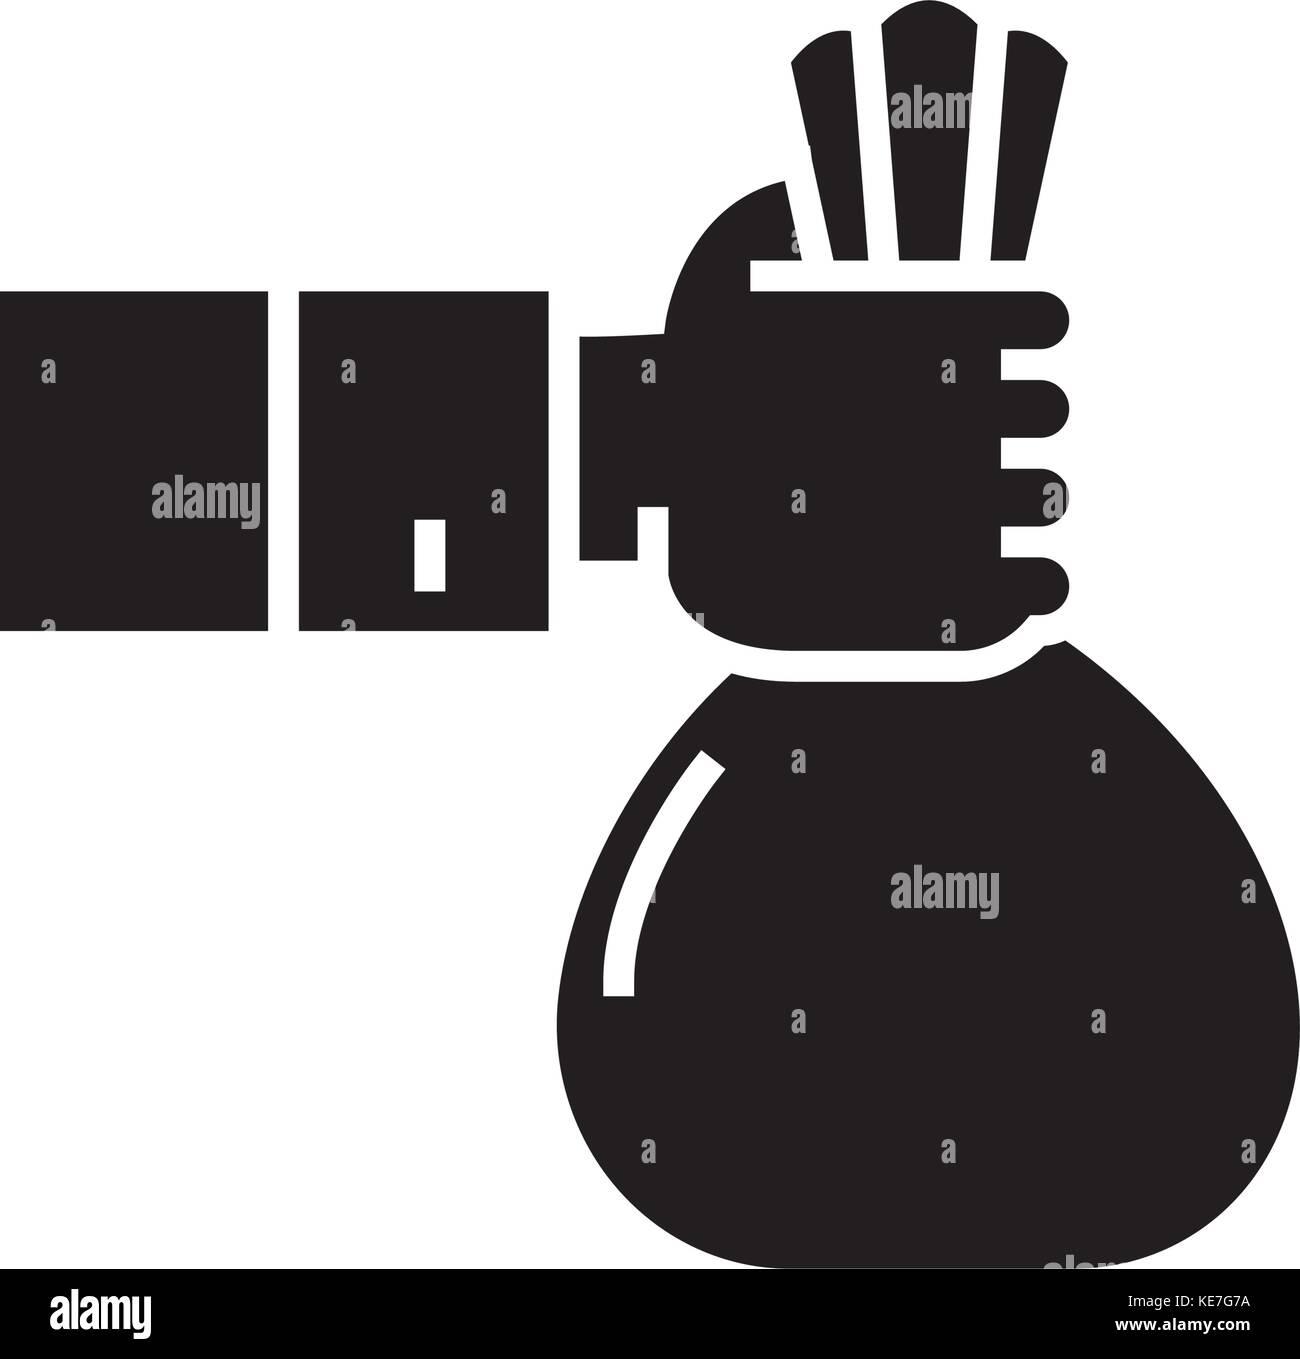 Investition - Sponsor - Finanzierung von Symbol, Vector Illustration, schwarze Zeichen auf isolierten Hintergrund Stockbild